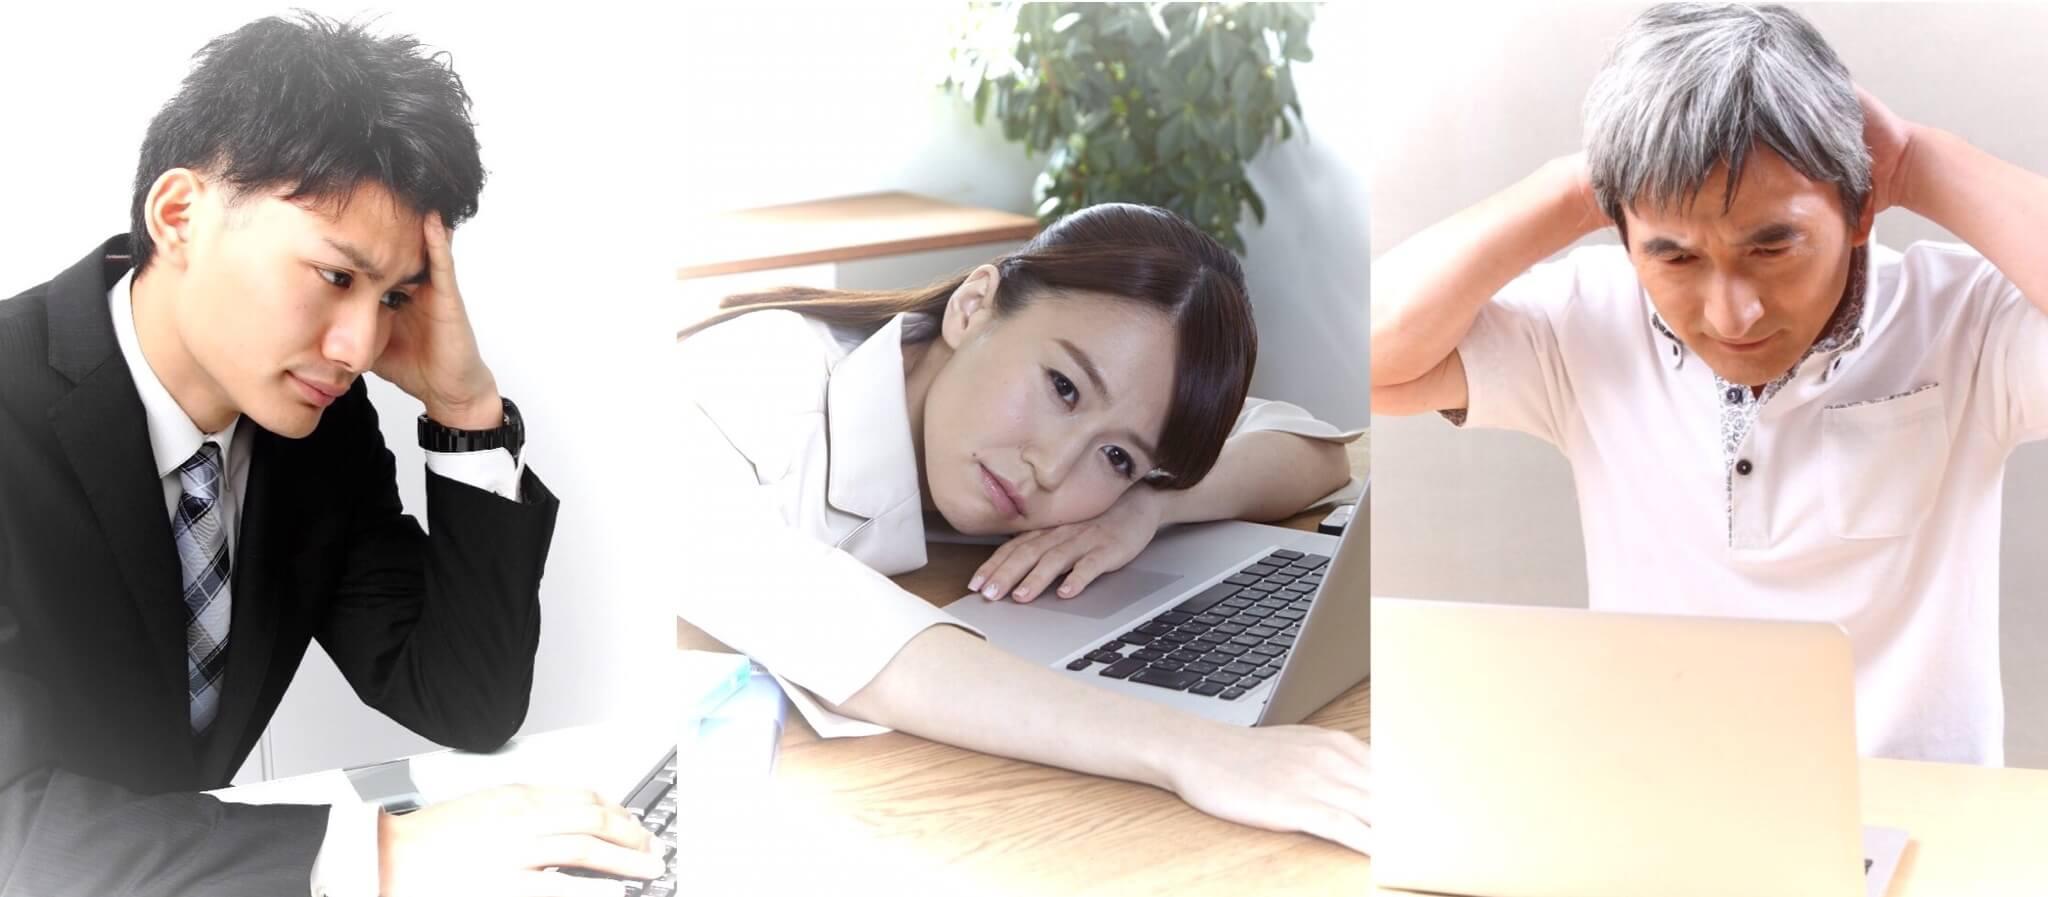 講座やセミナーが必要なWEBやパソコンやホームページ集客集客に悩む人達